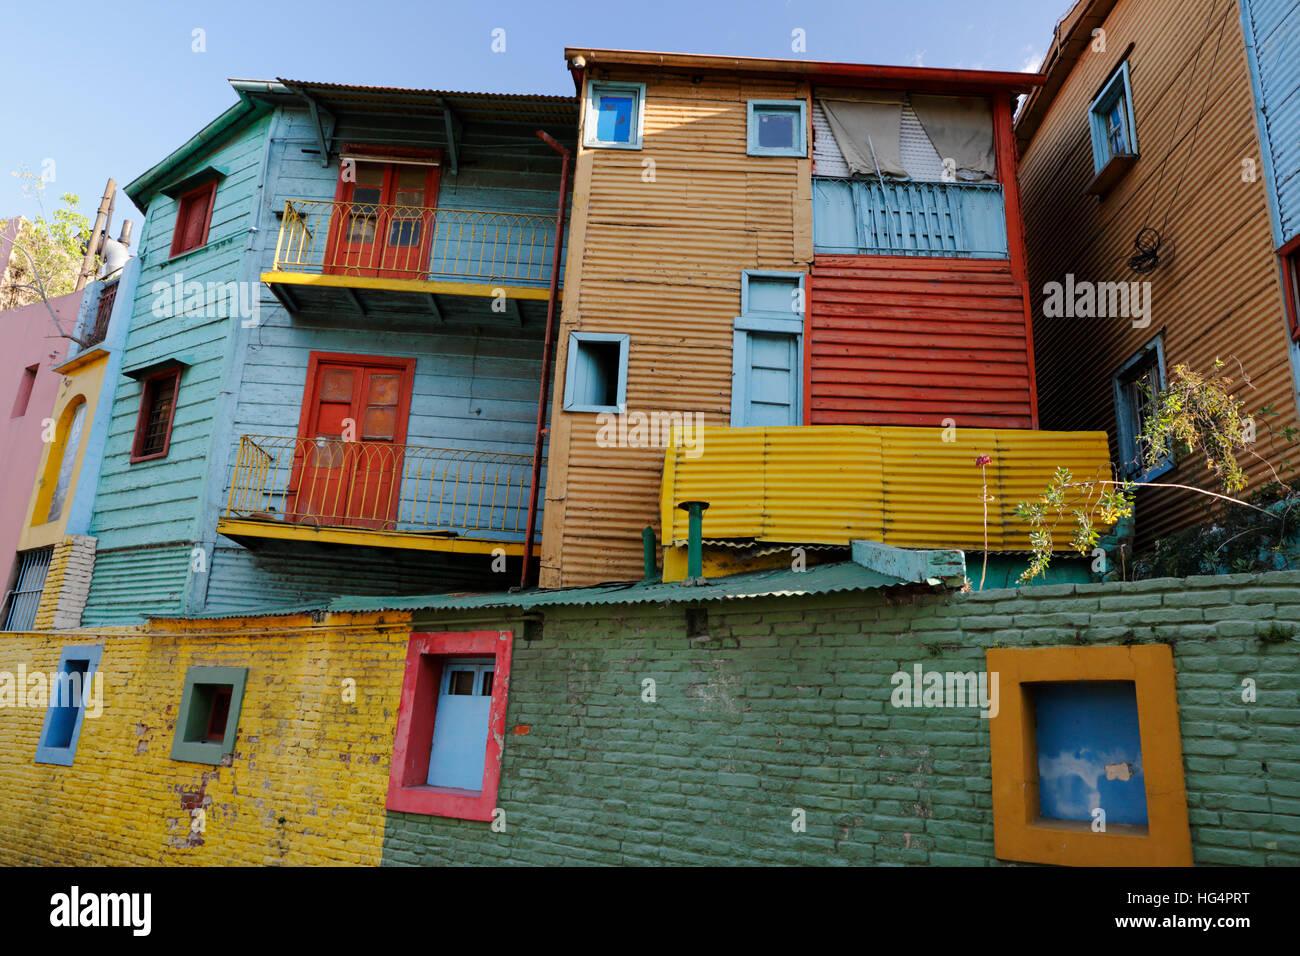 Las casas pintadas con colores brillantes a lo largo de la calle Caminito en el barrio la Boca, buenos aires, argentina, Imagen De Stock